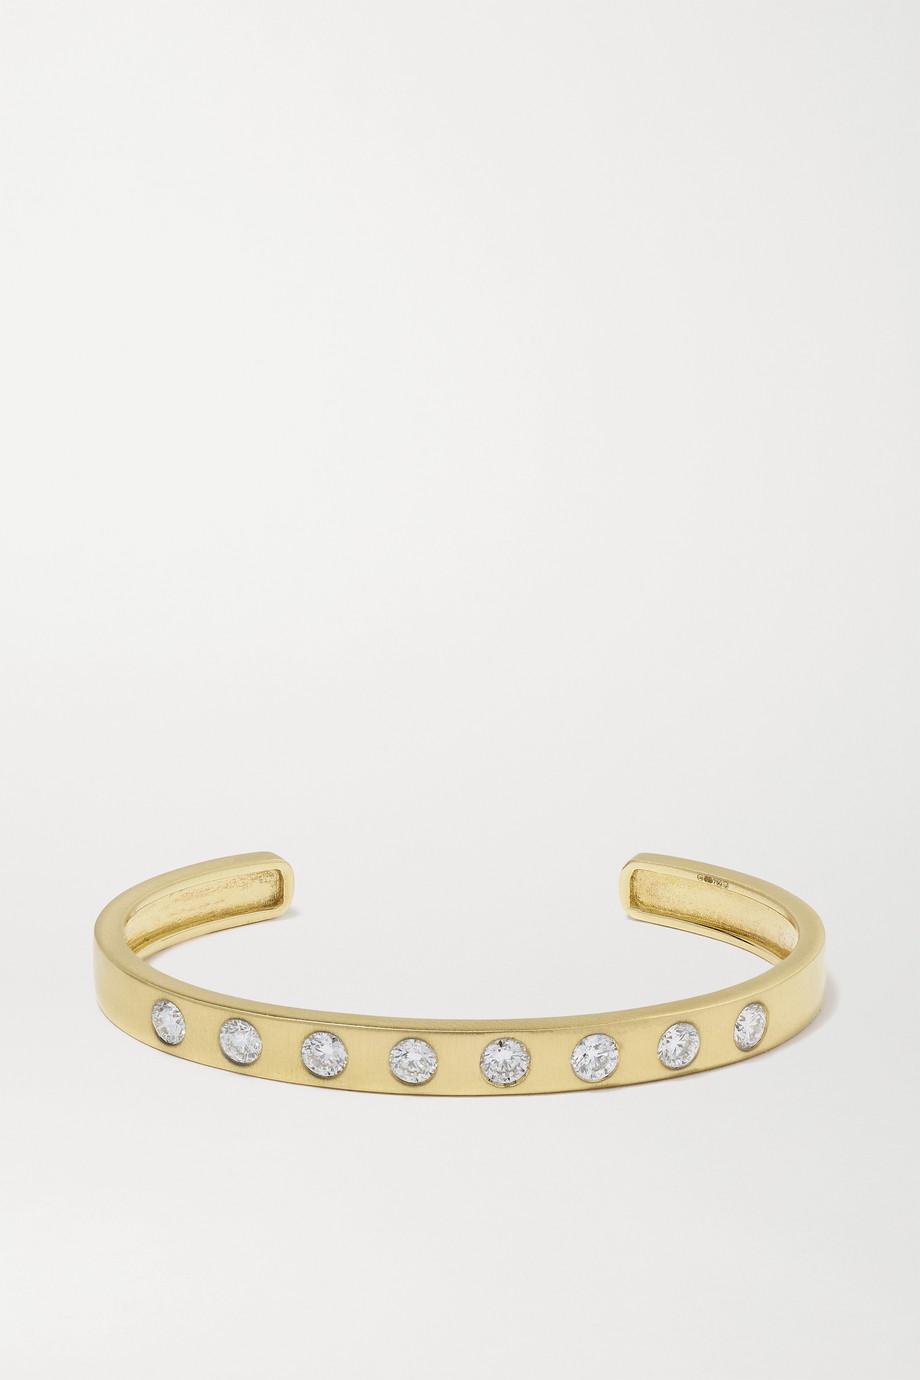 Octavia Elizabeth Bracelet en or recyclé 18 carats et diamants Sanded